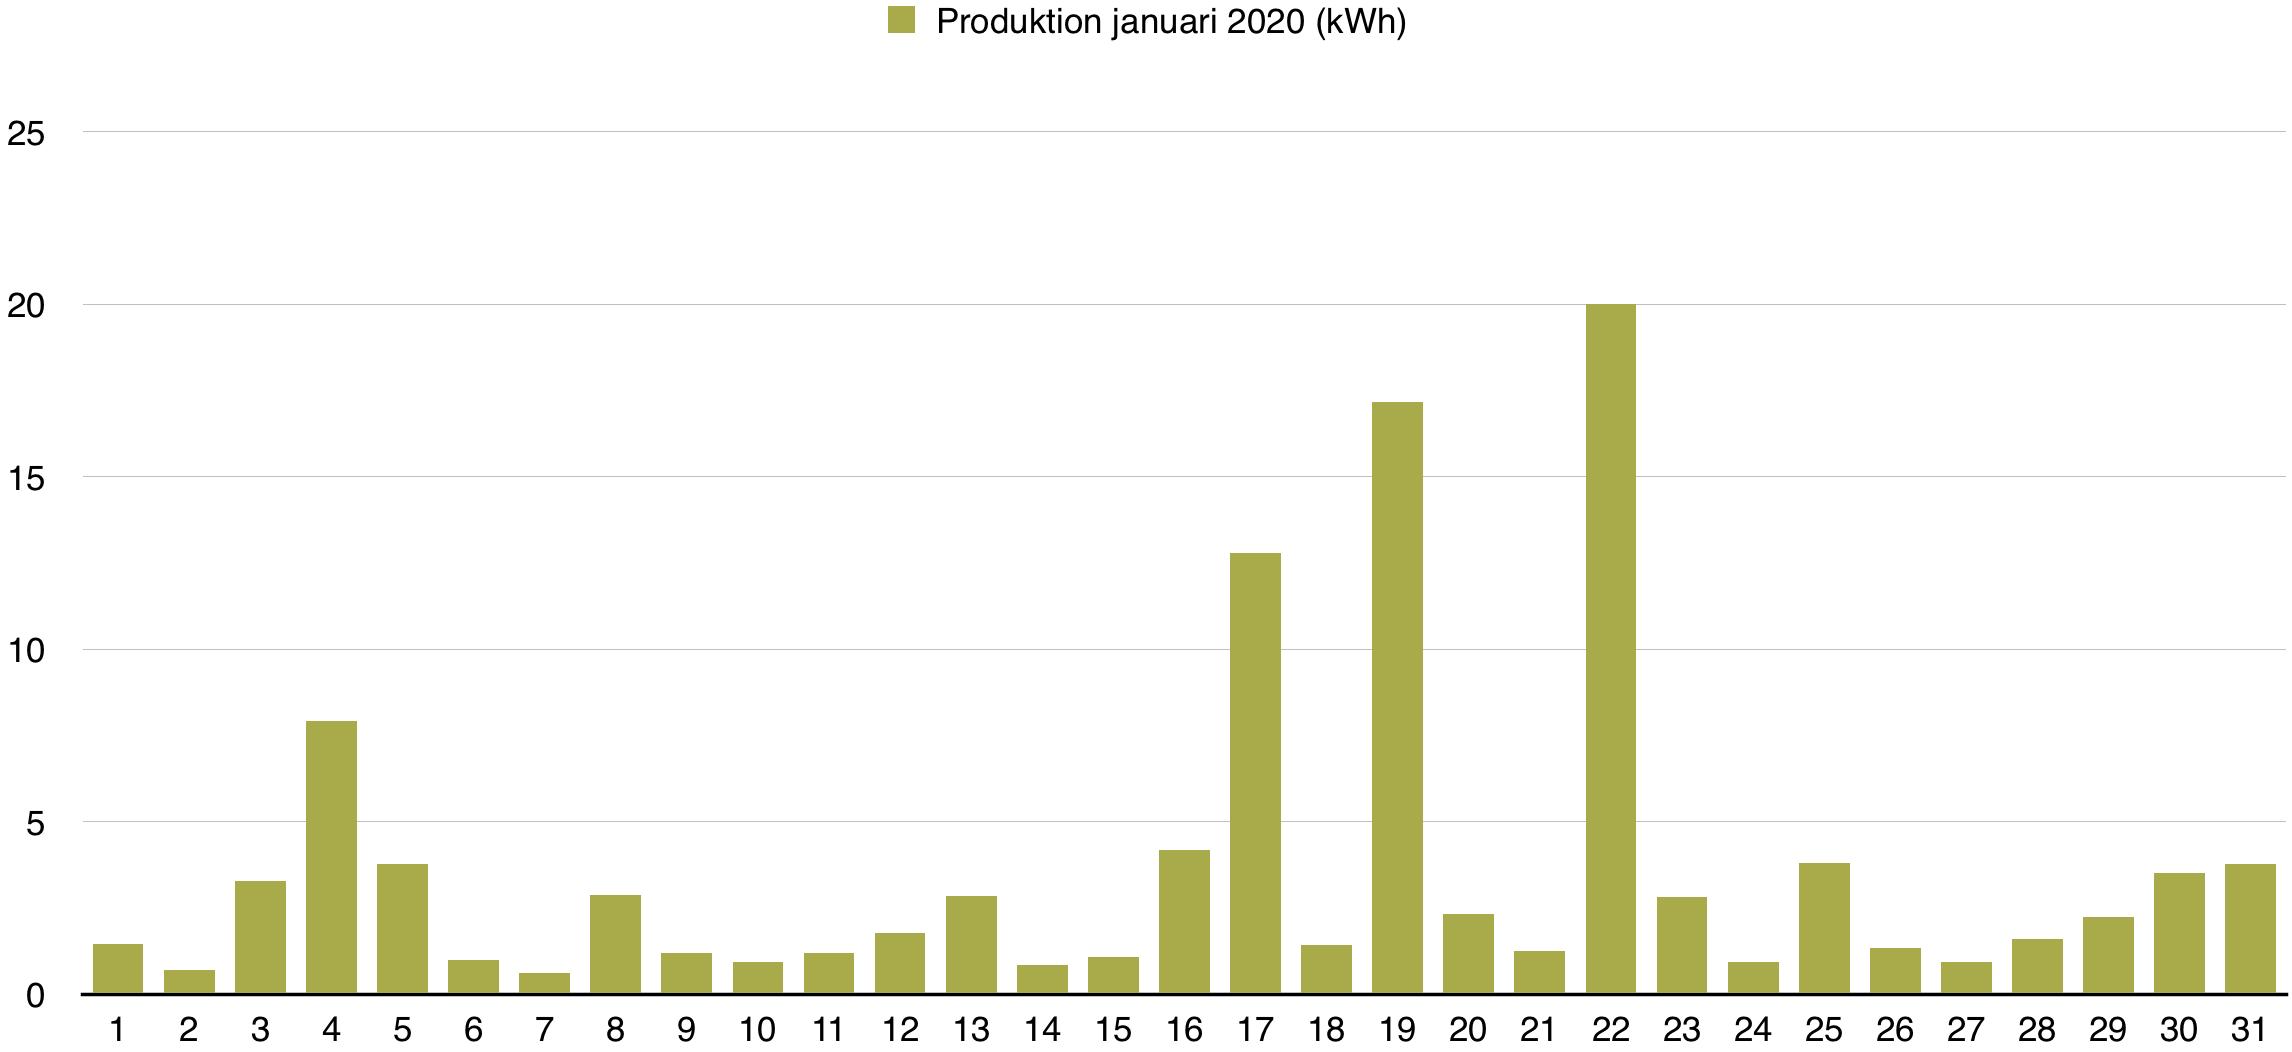 Solceller - Dagsproduktion för januari 2020